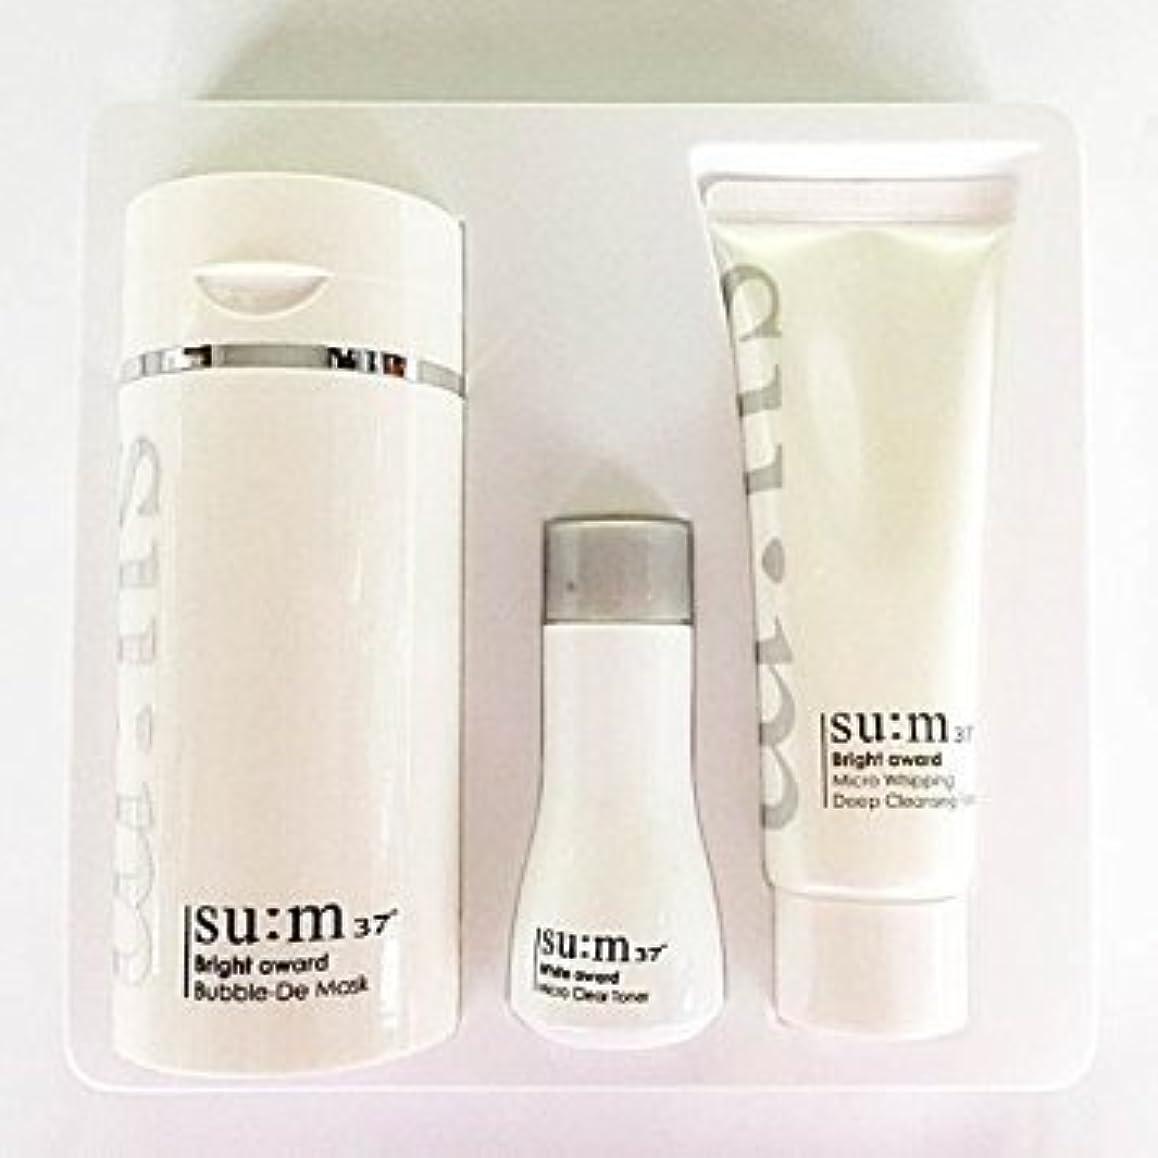 唇に応じて食事Su:m37°(スム37) Su:m 37 White Bright Award Bubble-De Mask Special Set 企画セット [並行輸入品]